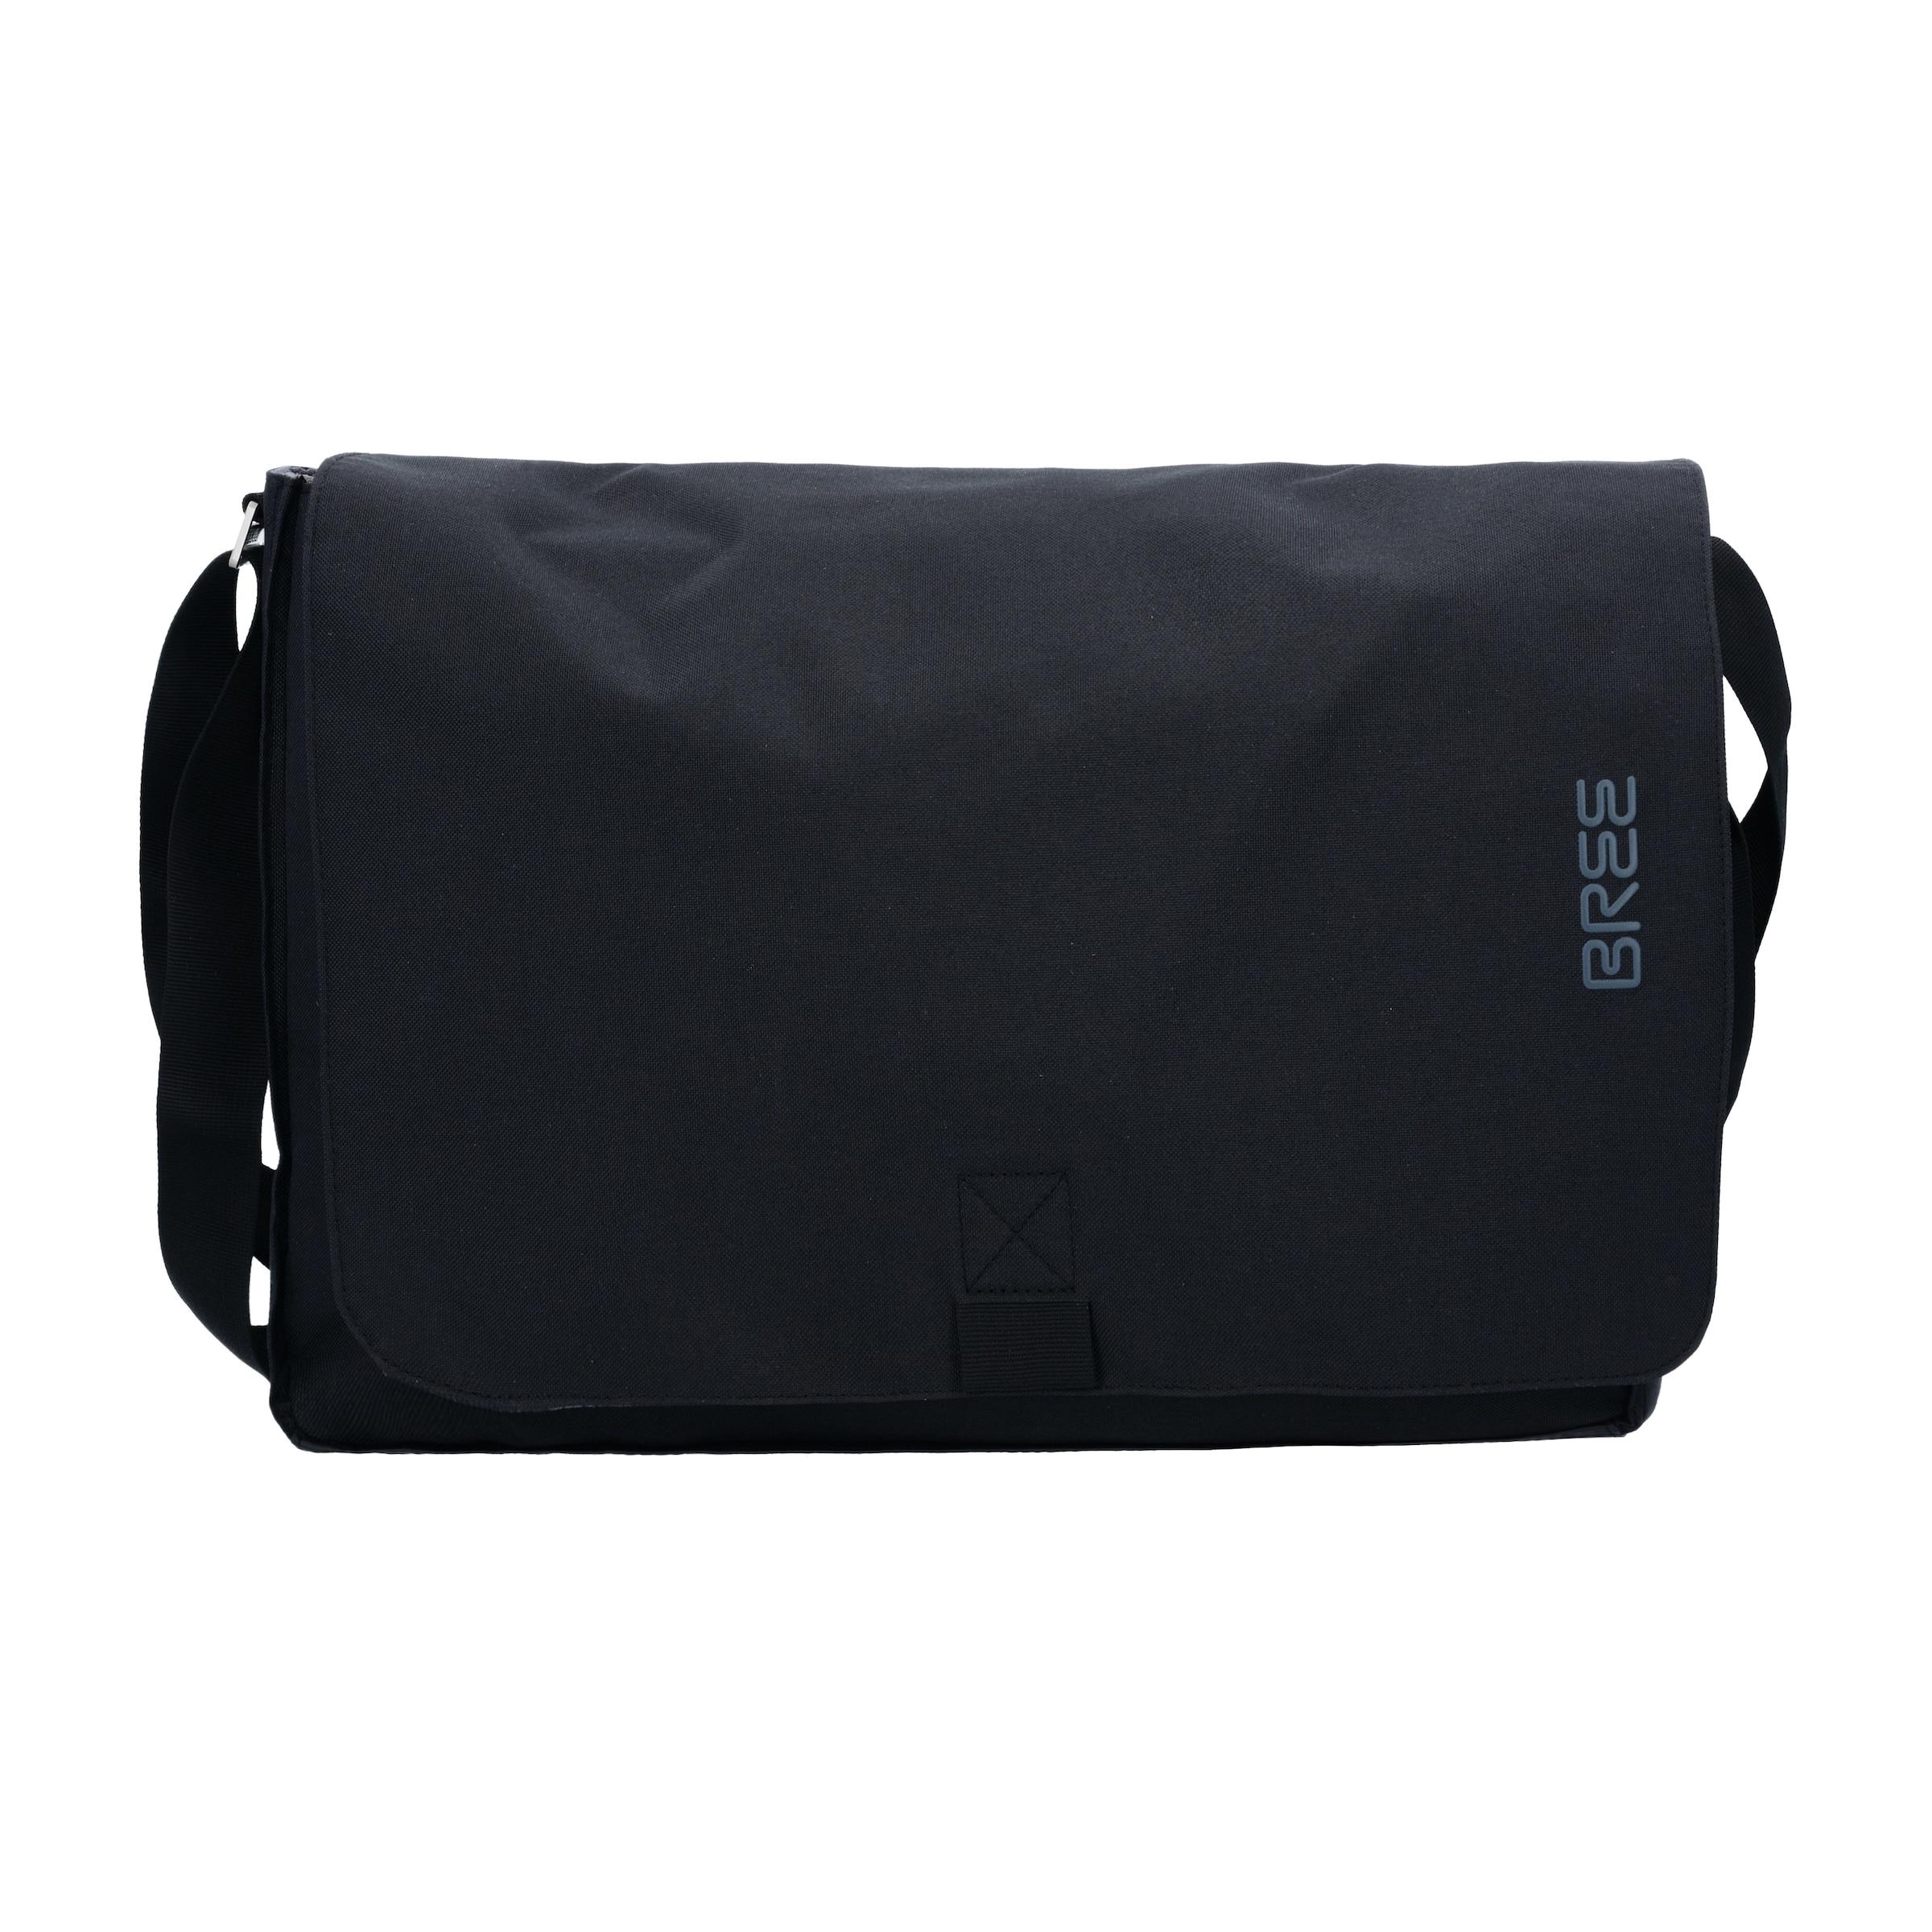 Authentischer Online-Verkauf BREE 'Punch Style 711' Messenger 42 cm Laptopfach Großhandelspreis QQsWy4L